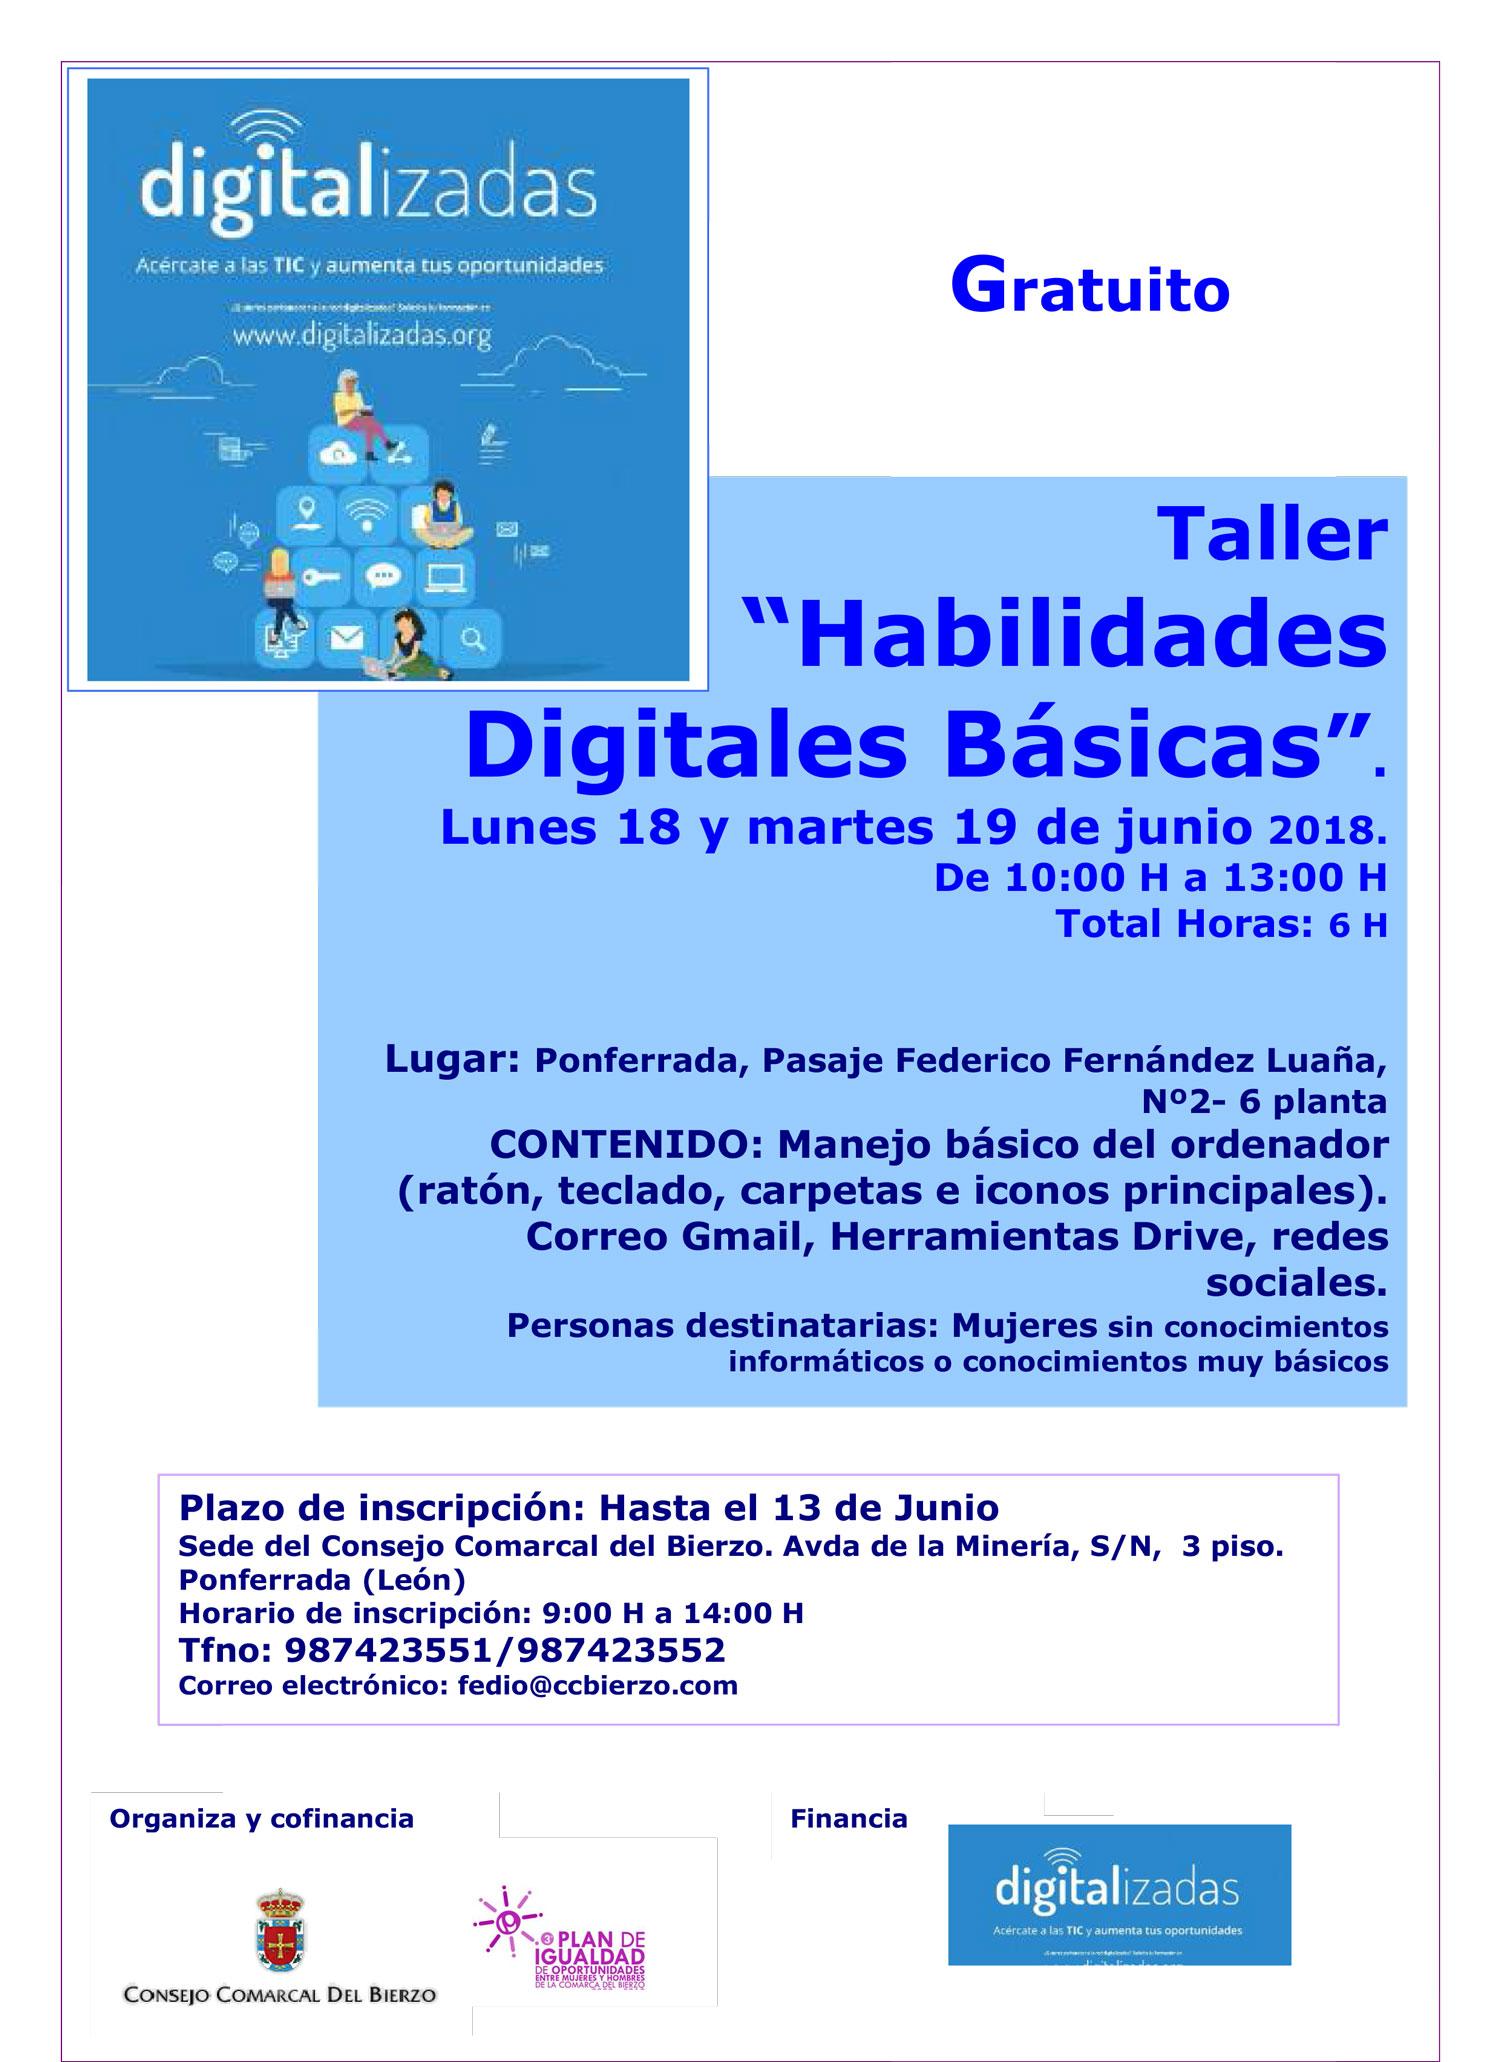 Taller gratuito 'Habilidades digitales básicas' para mujeres 1